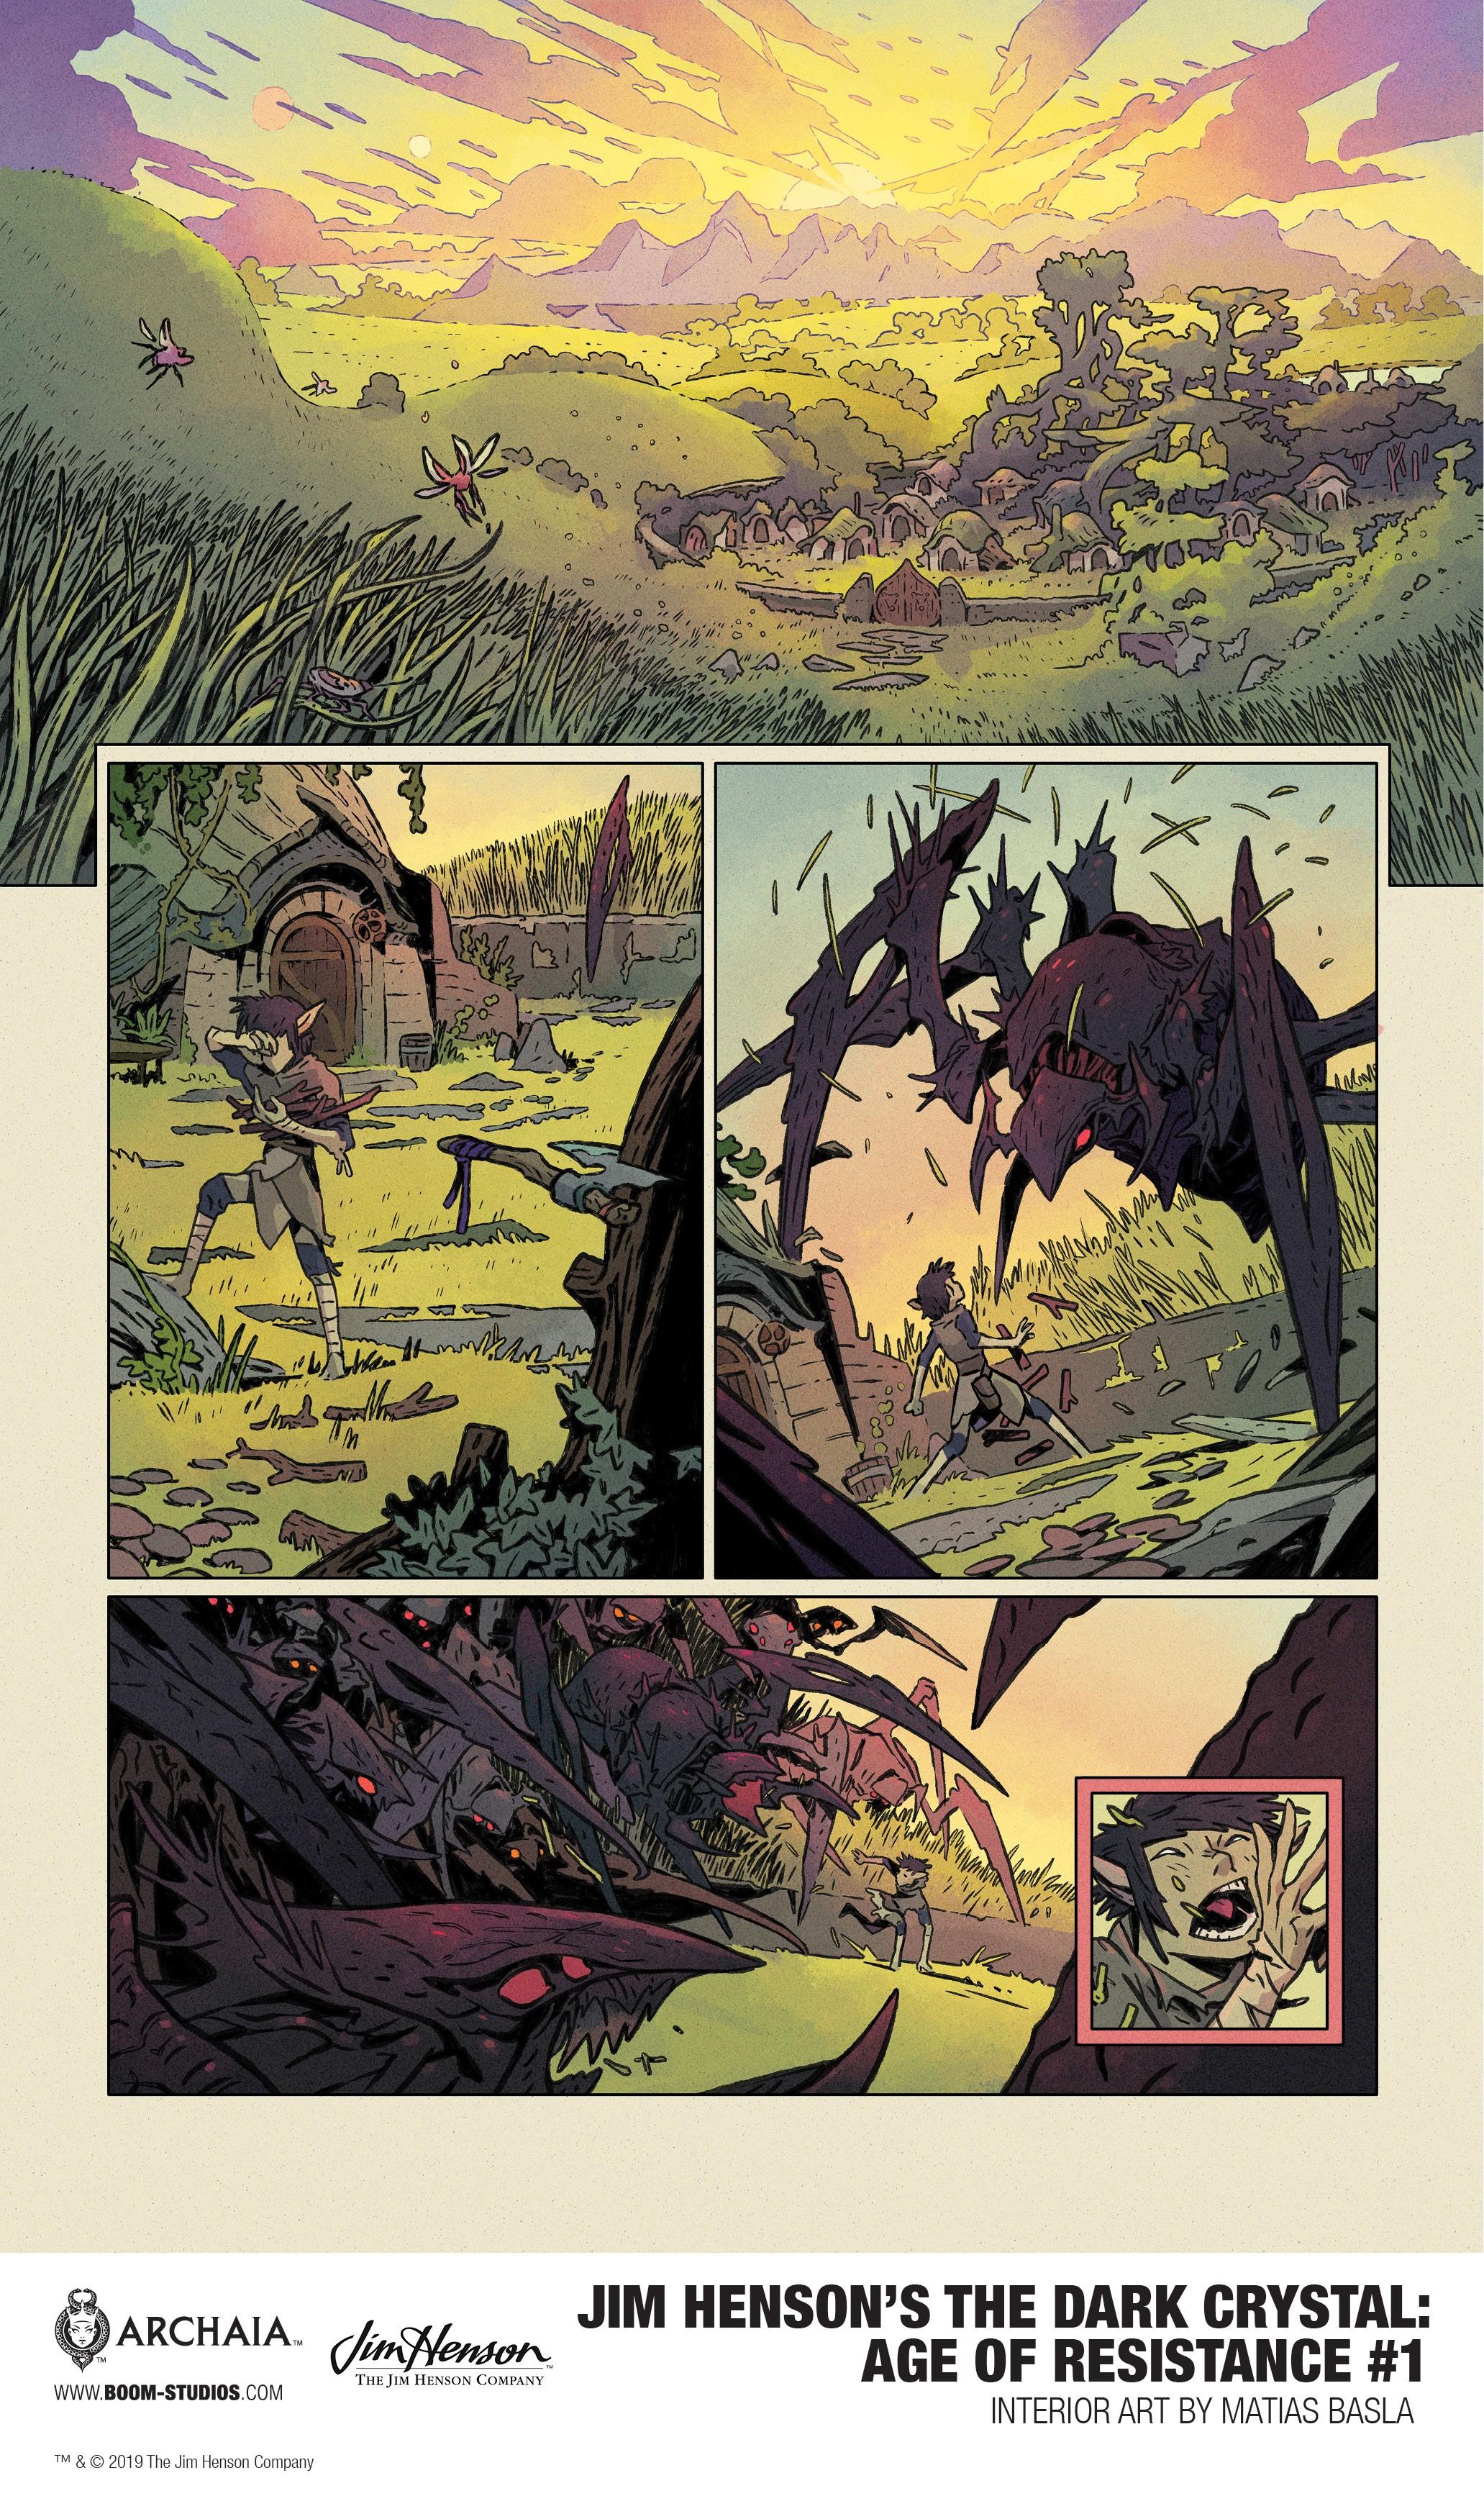 The Dark Crystal: Age of Resistance comic series tie-in